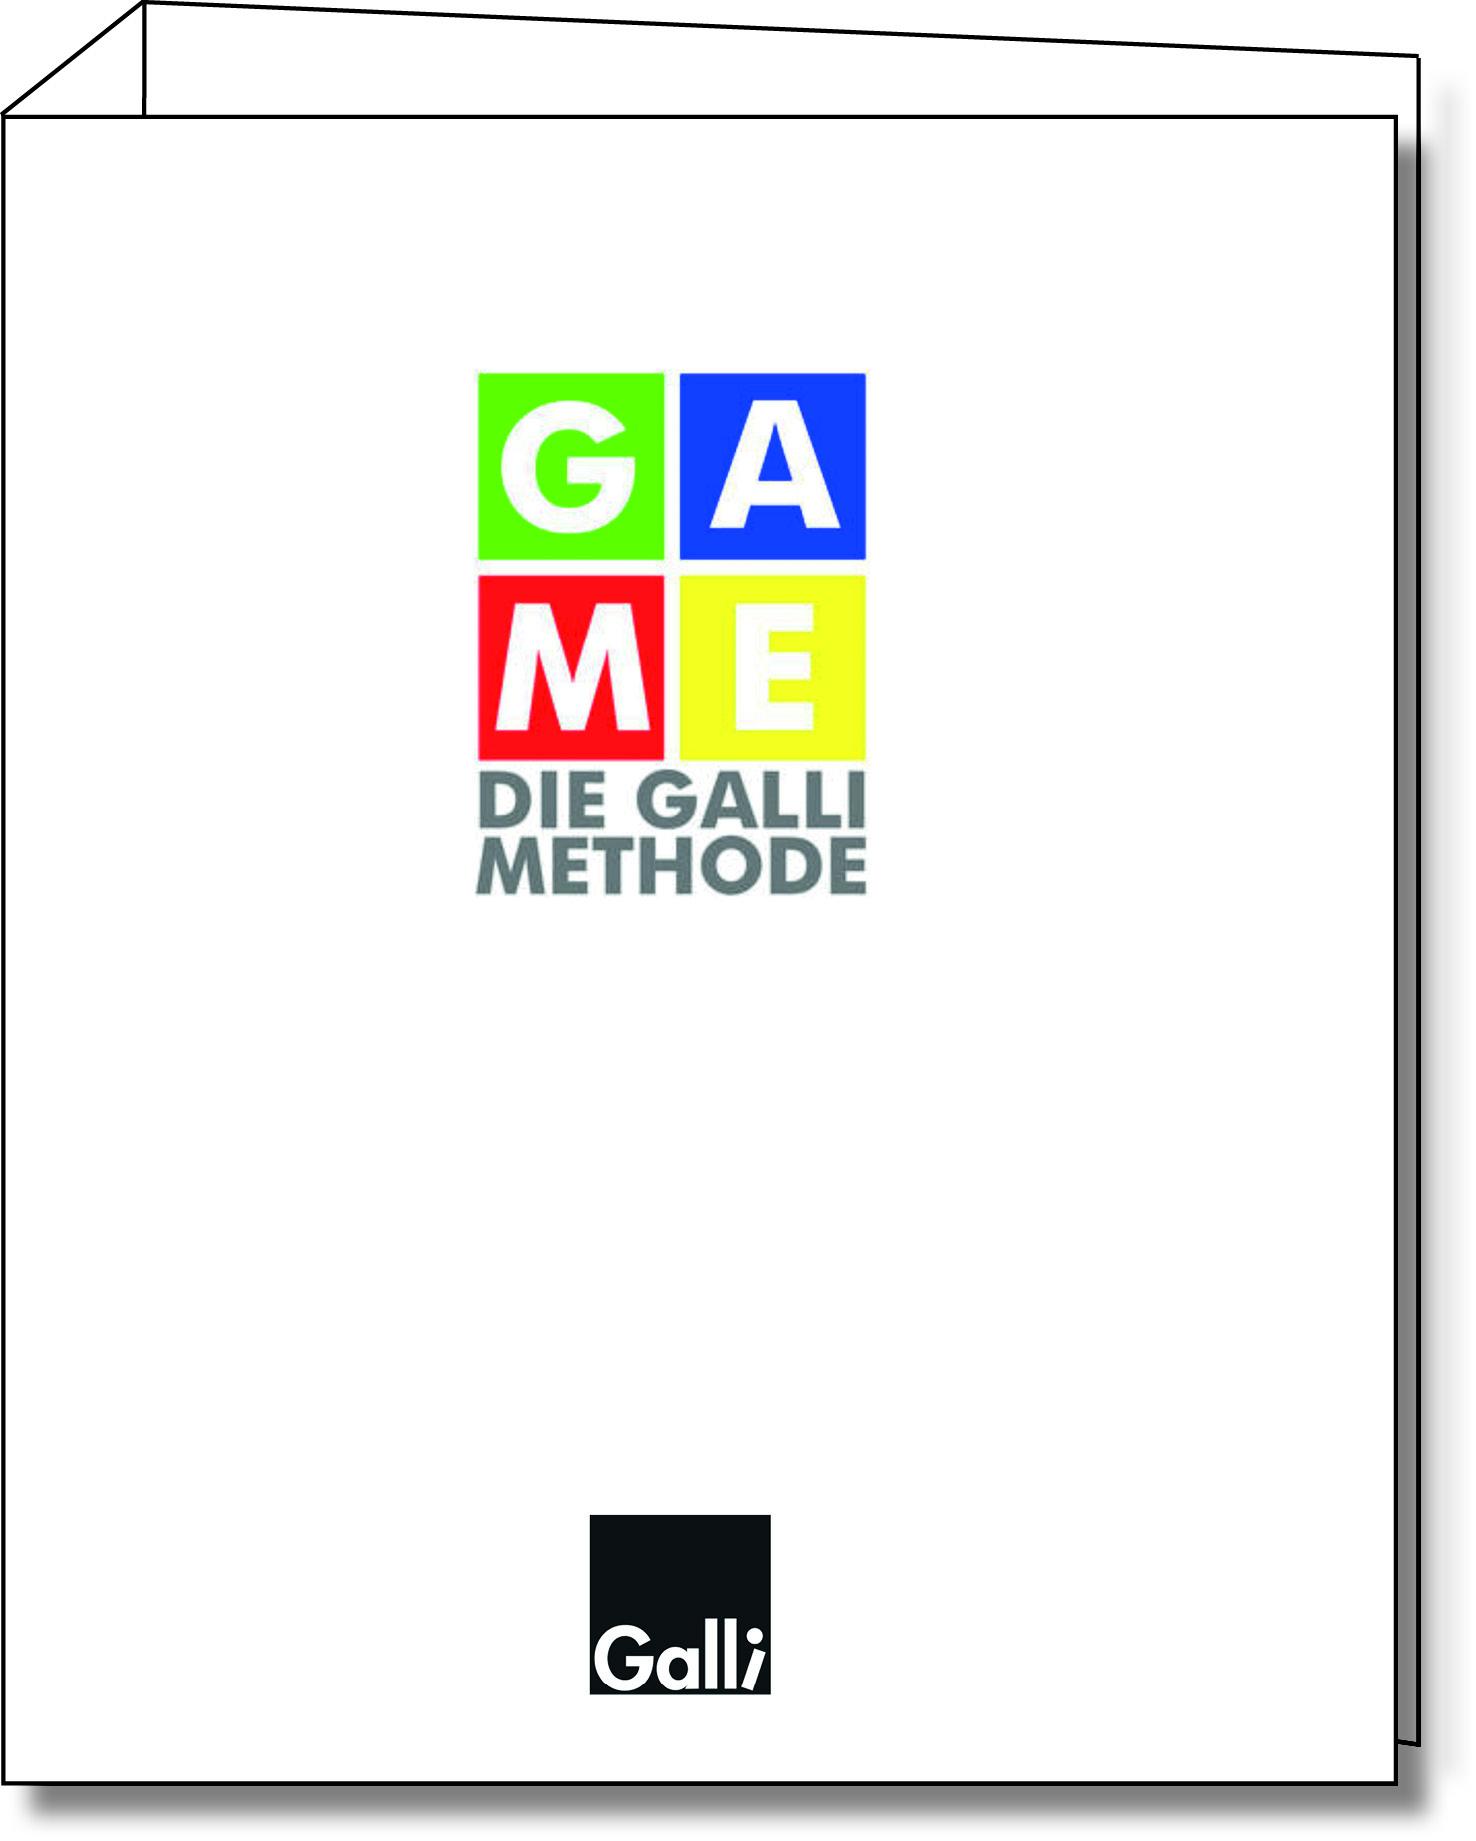 GAME – Die Galli Methode®